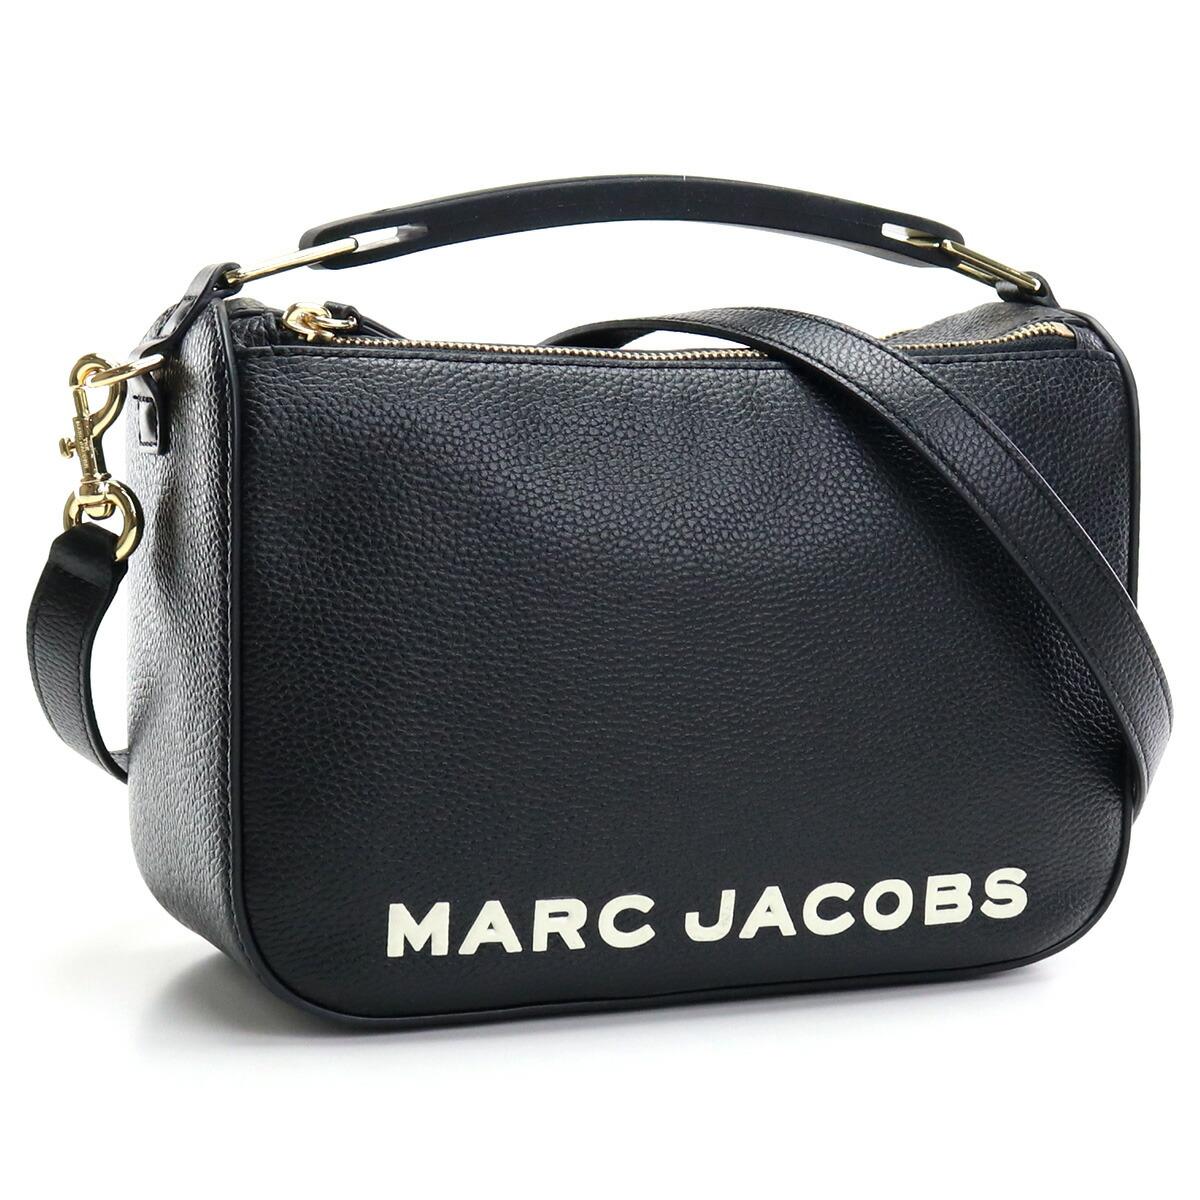 マーク・ジェイコブス MARC JACOBS THE SOFT BOX 23 斜め掛け ショルダーバッグ ブランドバッグ M0017037 001 BLACK ブラック